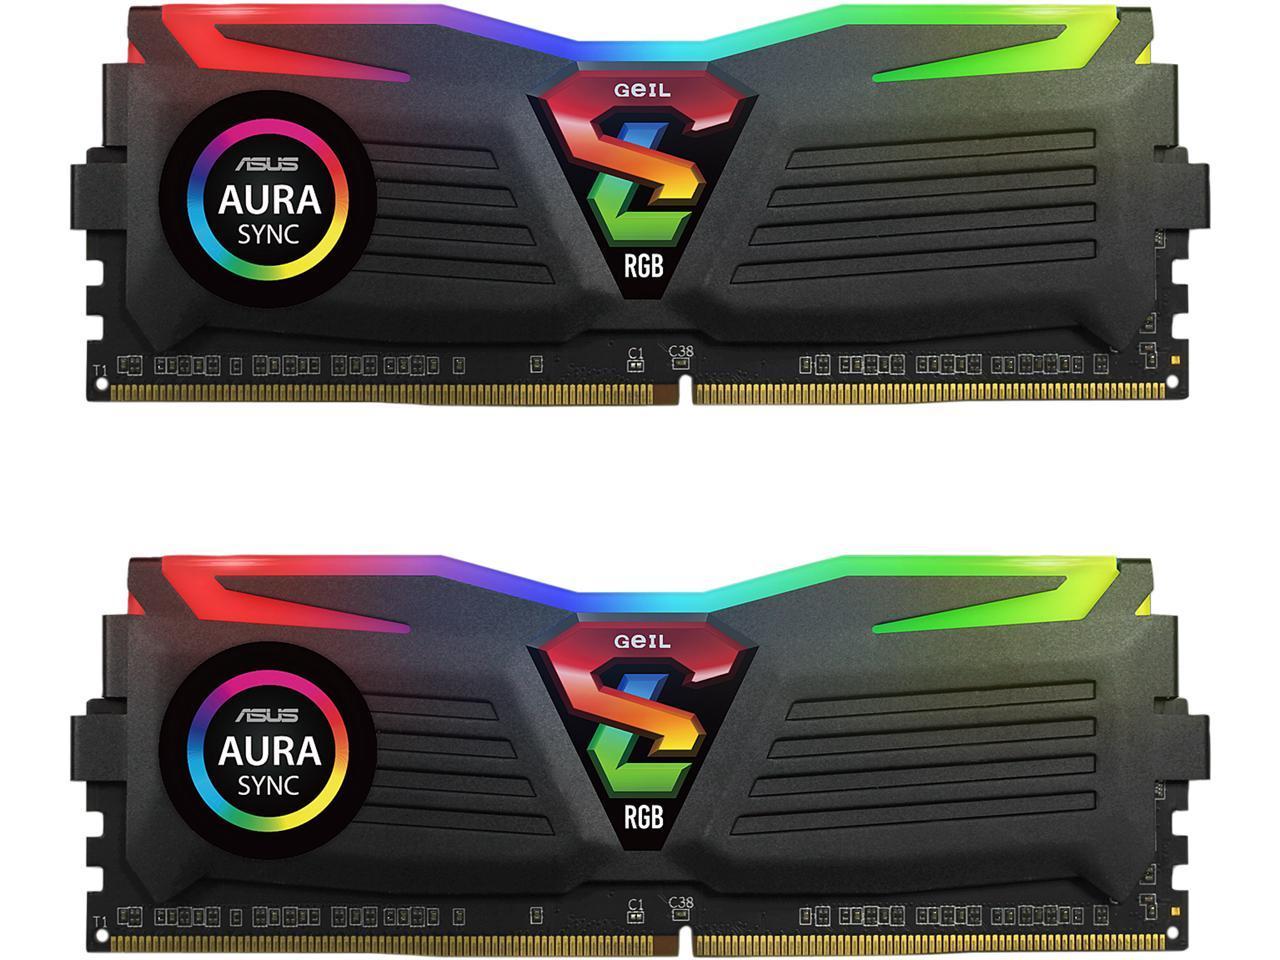 16 GB (2x8) GeIL SUPER LUCE RGB SYNC DDR4 3200 16GB Desktop Memory $59.99